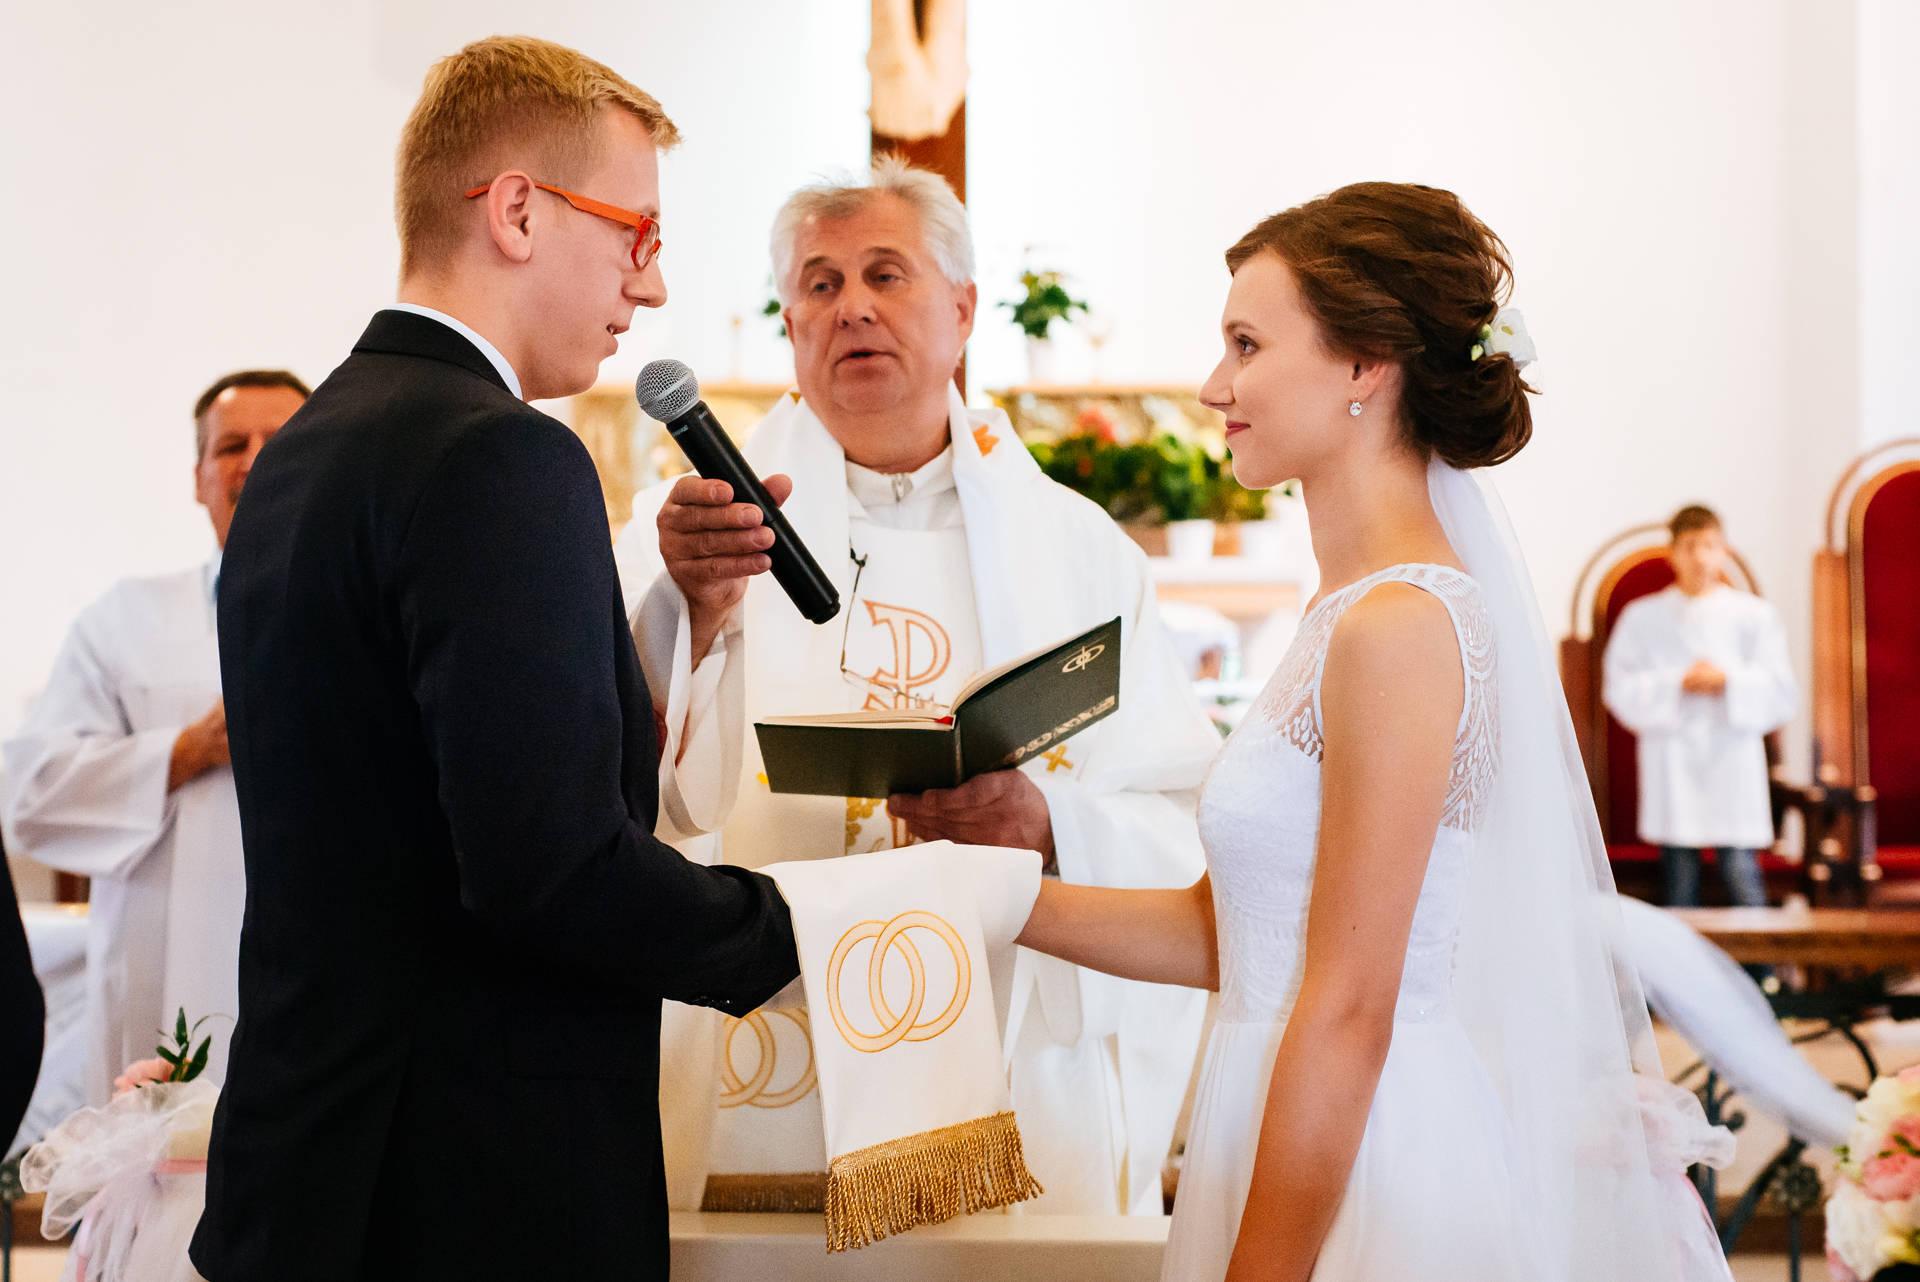 Zdjęcie wykonane w trakcie skłądania przysięgi ślubnej, w trakcie konkordatowego ślubu kościelnego. Dużym wyzwaniem dla nas jako fotografów ślubnych było uchwycenie sceny bez zarejestrowania kamerzystów.